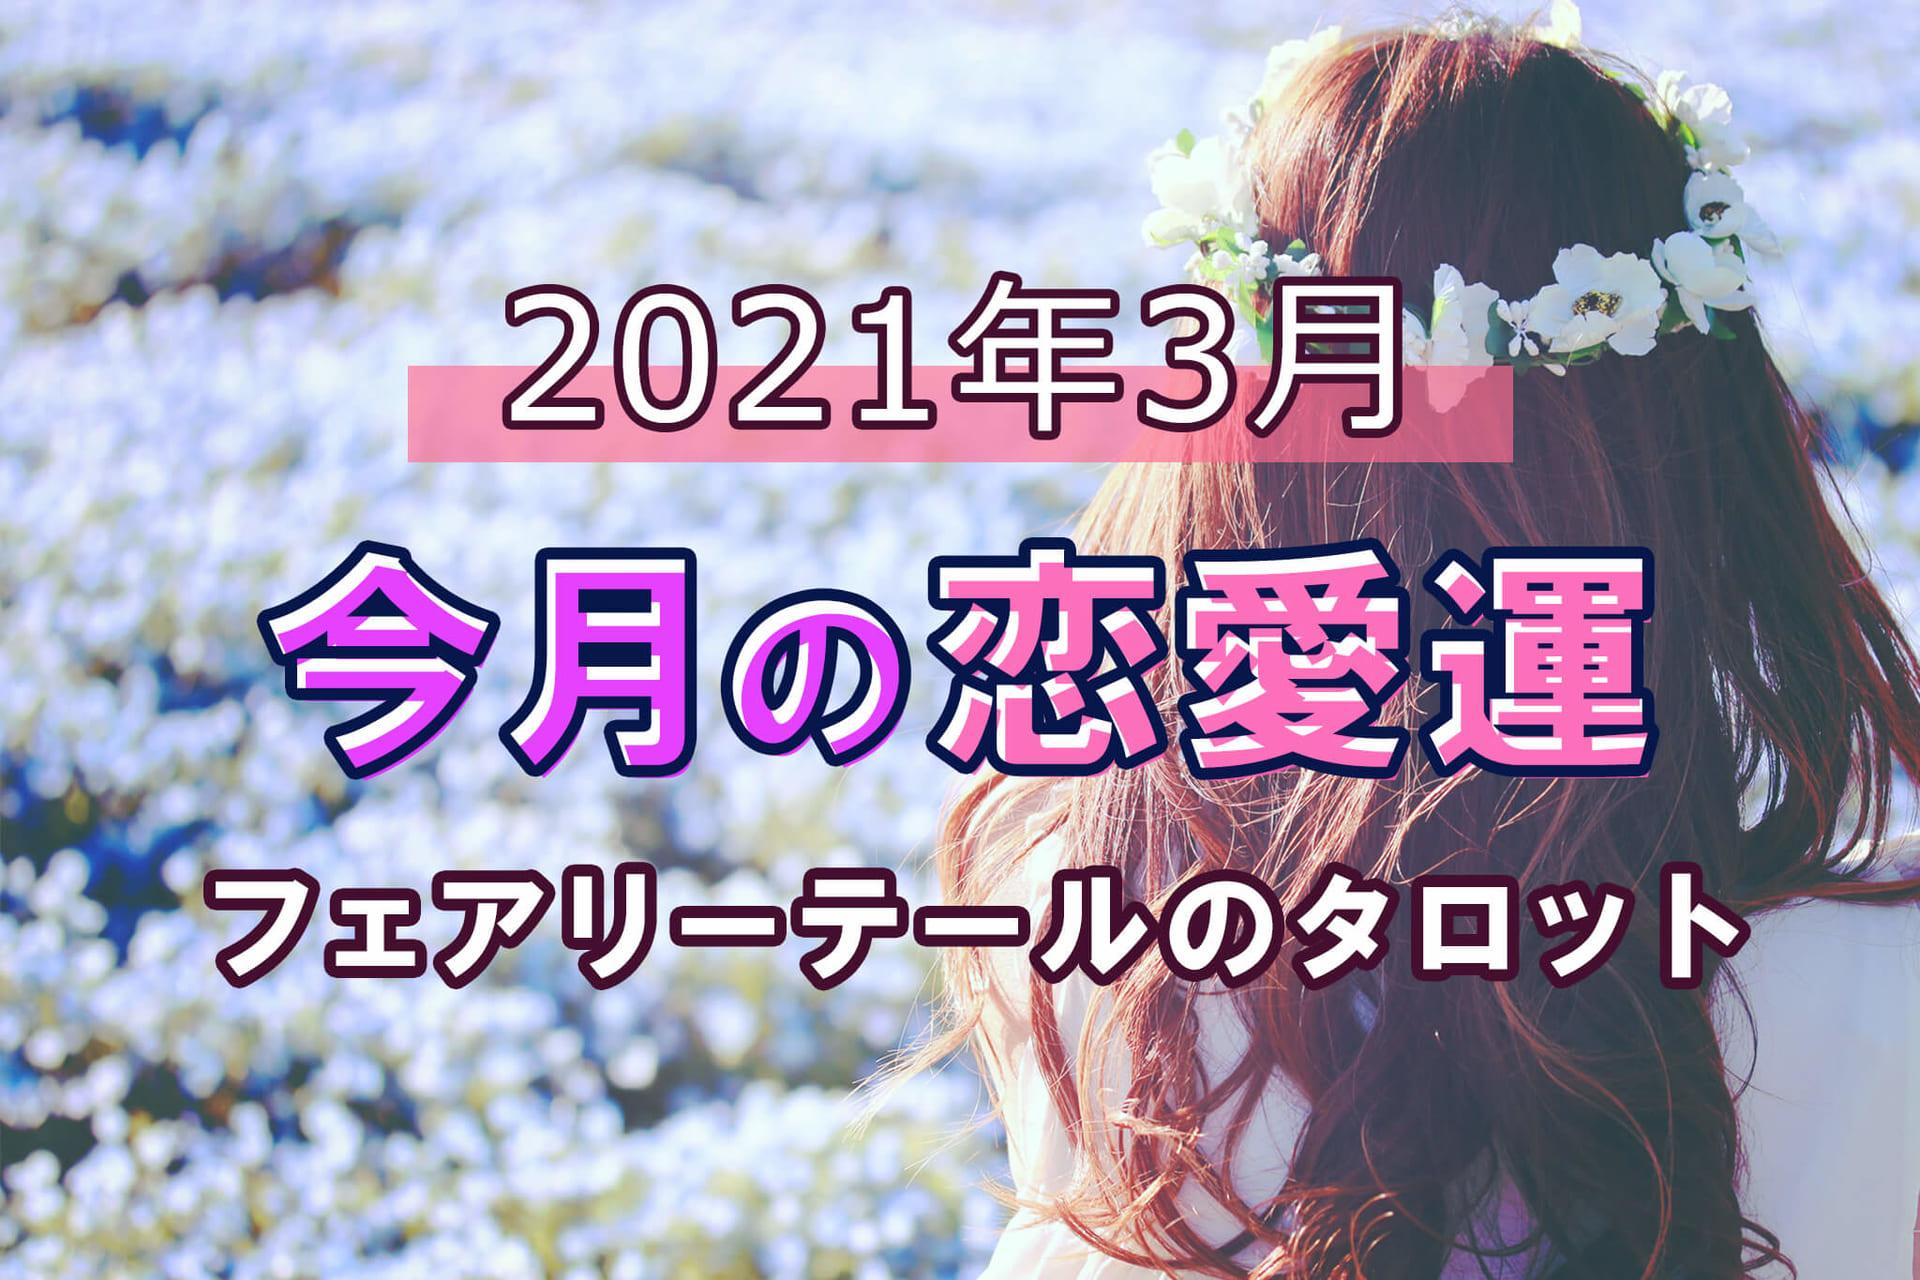 【今月の恋愛運】2021年3月*フェアリーテールのタロット占い